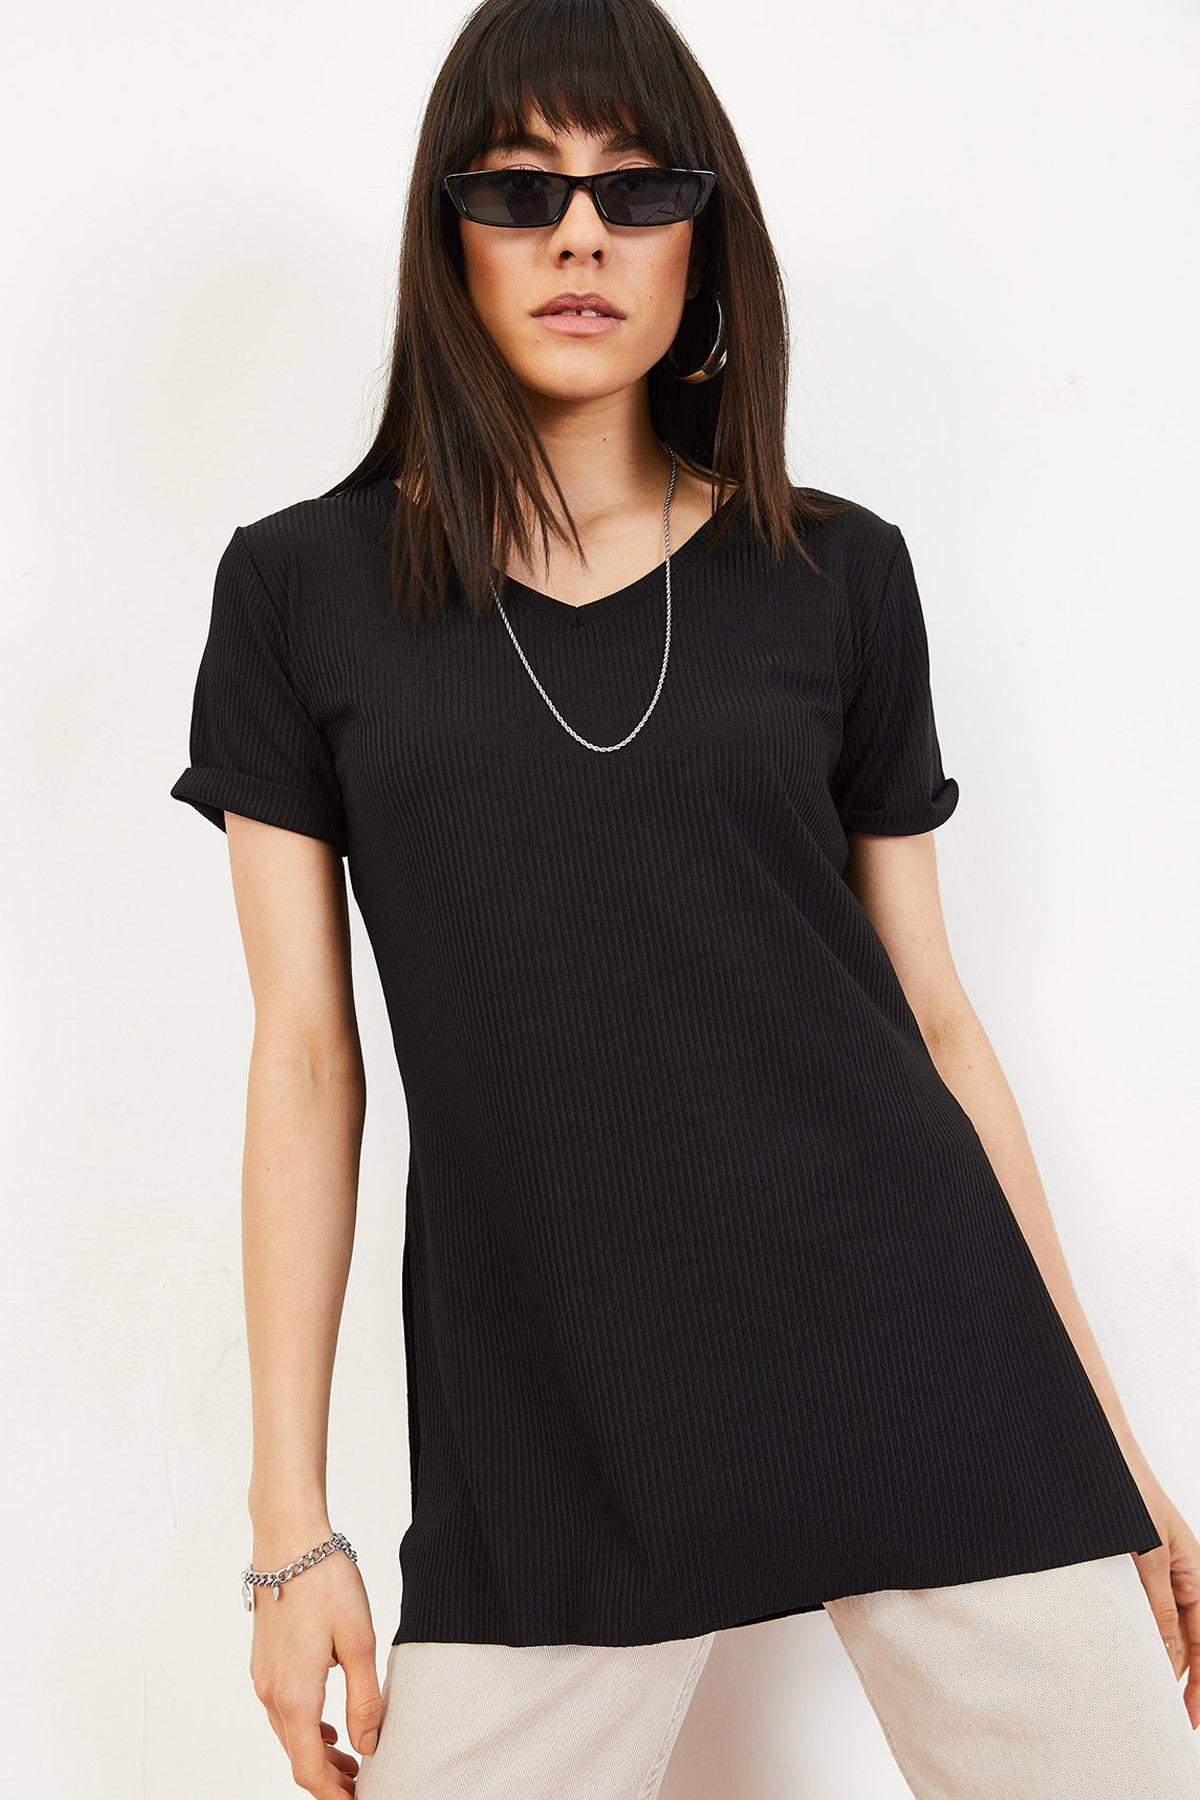 Bianco Lucci Kadın Siyah Kol Yan Yırtmaçlı Kol Detay Kaşkorse T-Shirt 10051012 2